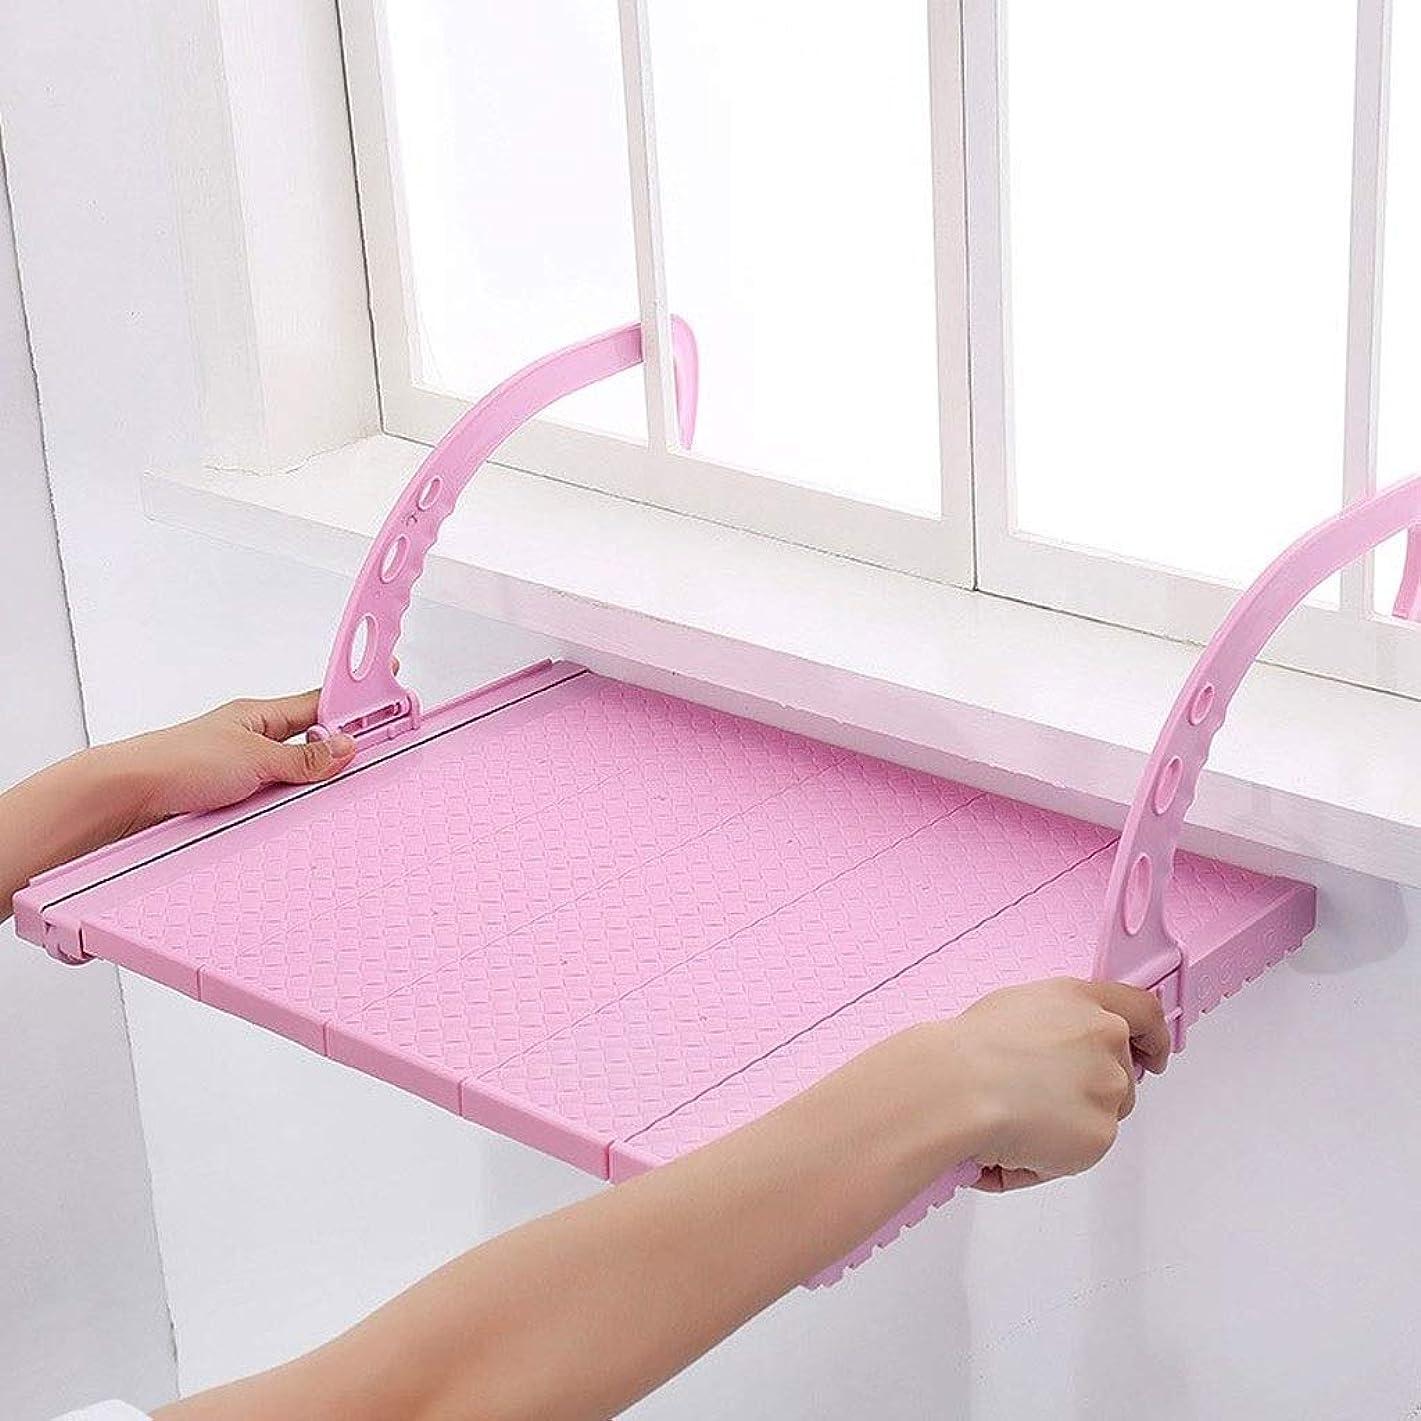 意気消沈した機械的に別にGWM タオル タオルバー、壁掛け式ステンレススチール製バスタオルラック、仕上げ日光浴用ラックハンギングラックアーチファクト格納式衣類 (Color : Pink, Size : 75cmx120cm)